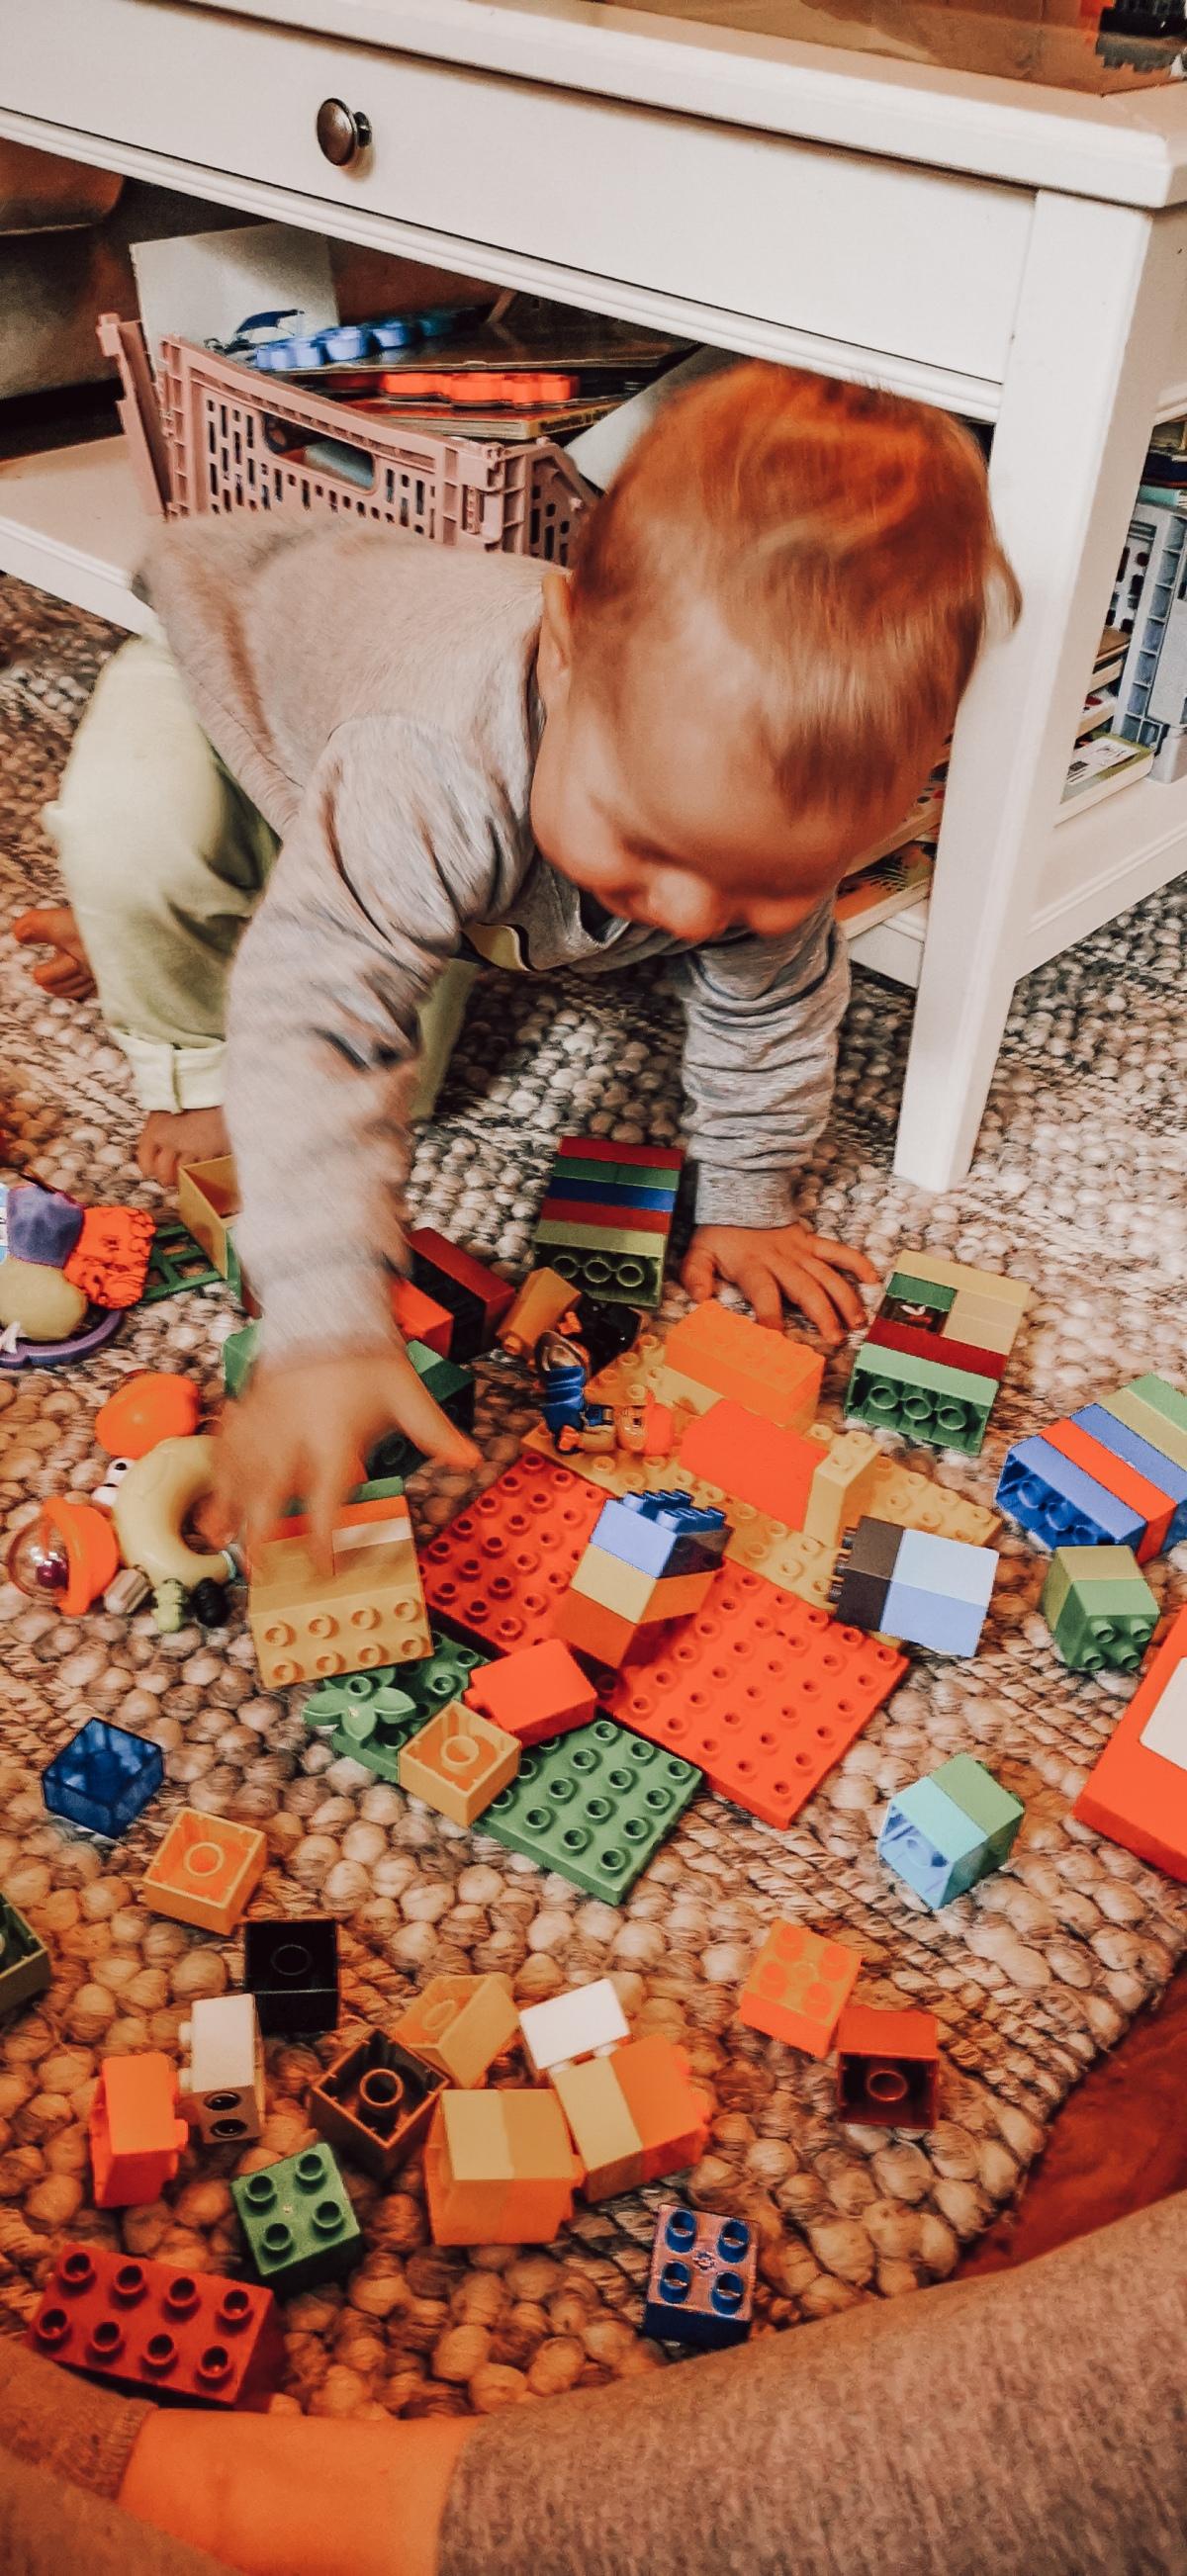 Lapsen kanssa leikkimisestä – ja senvaikeudesta